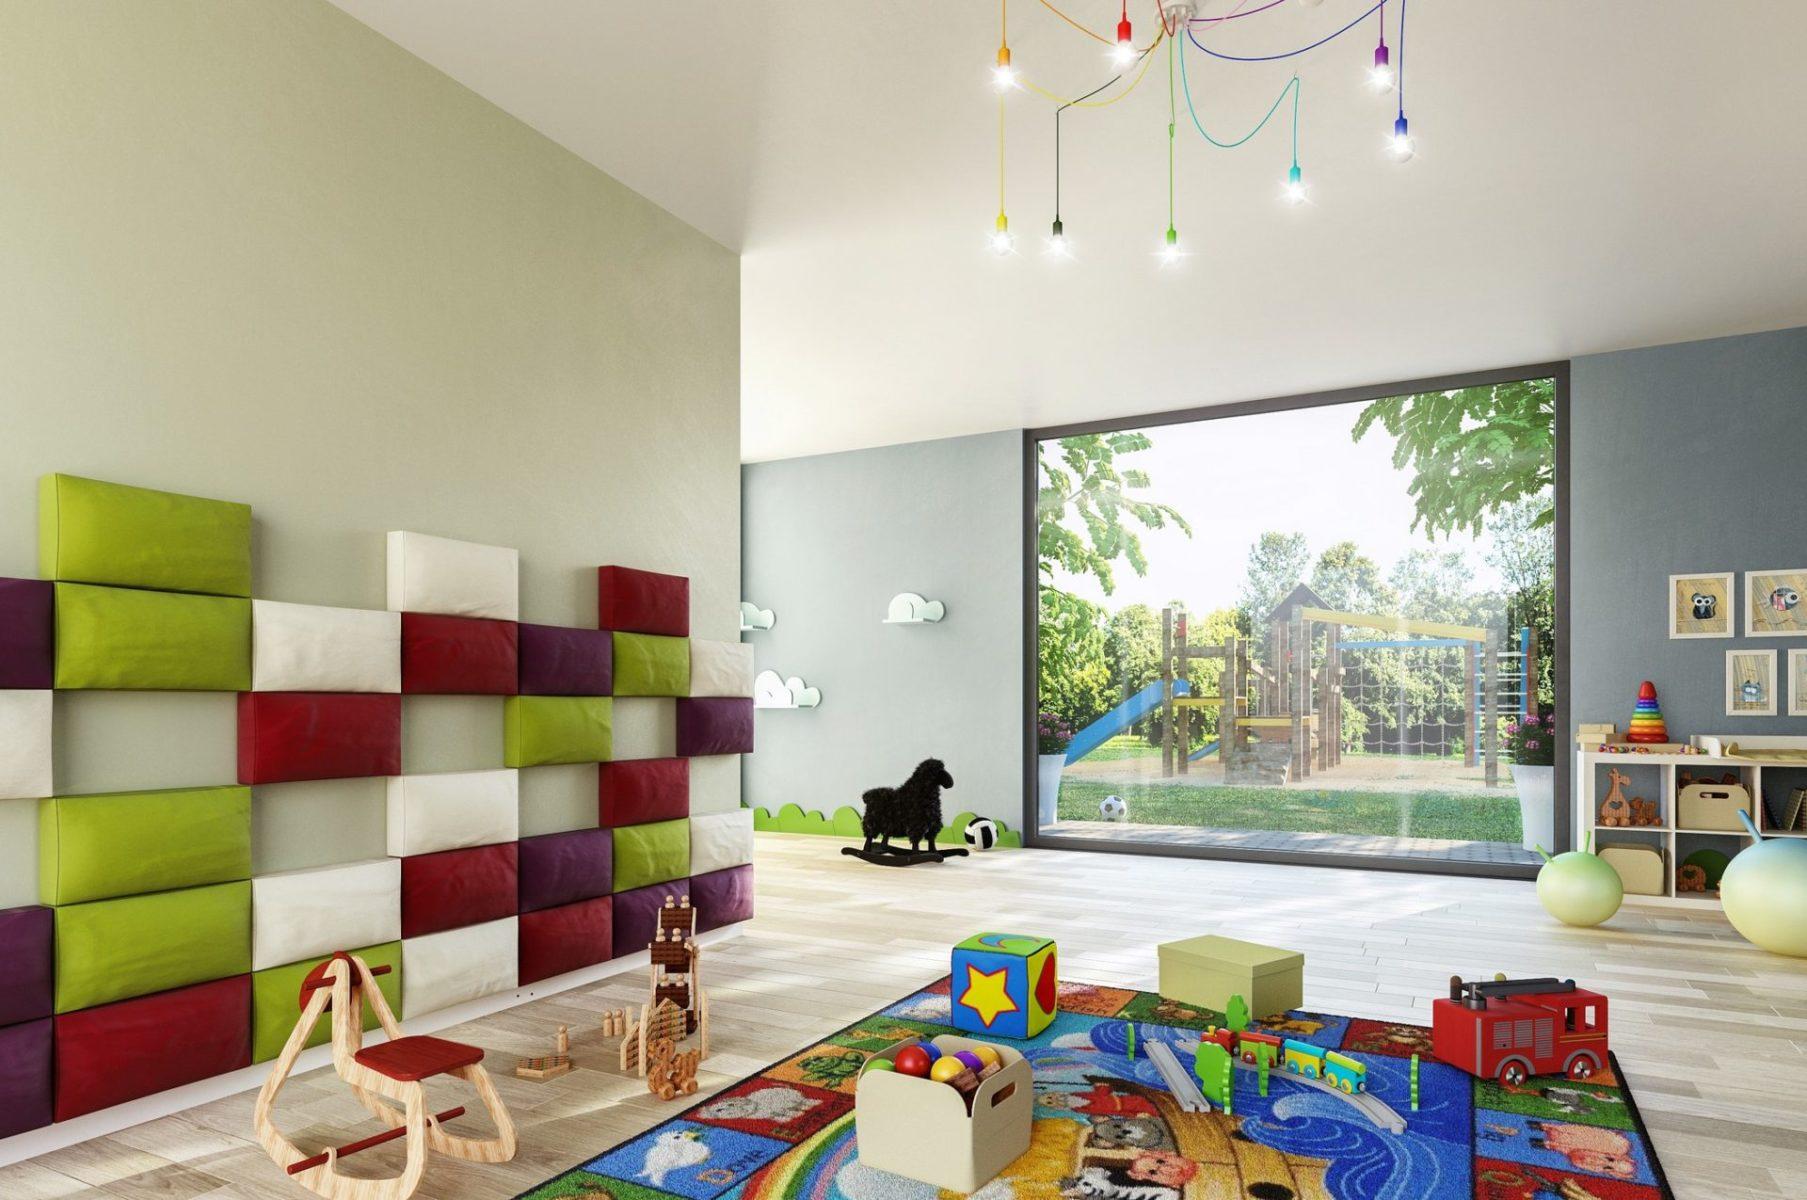 przedszkole wizualizacja architektoniczna wnętrza